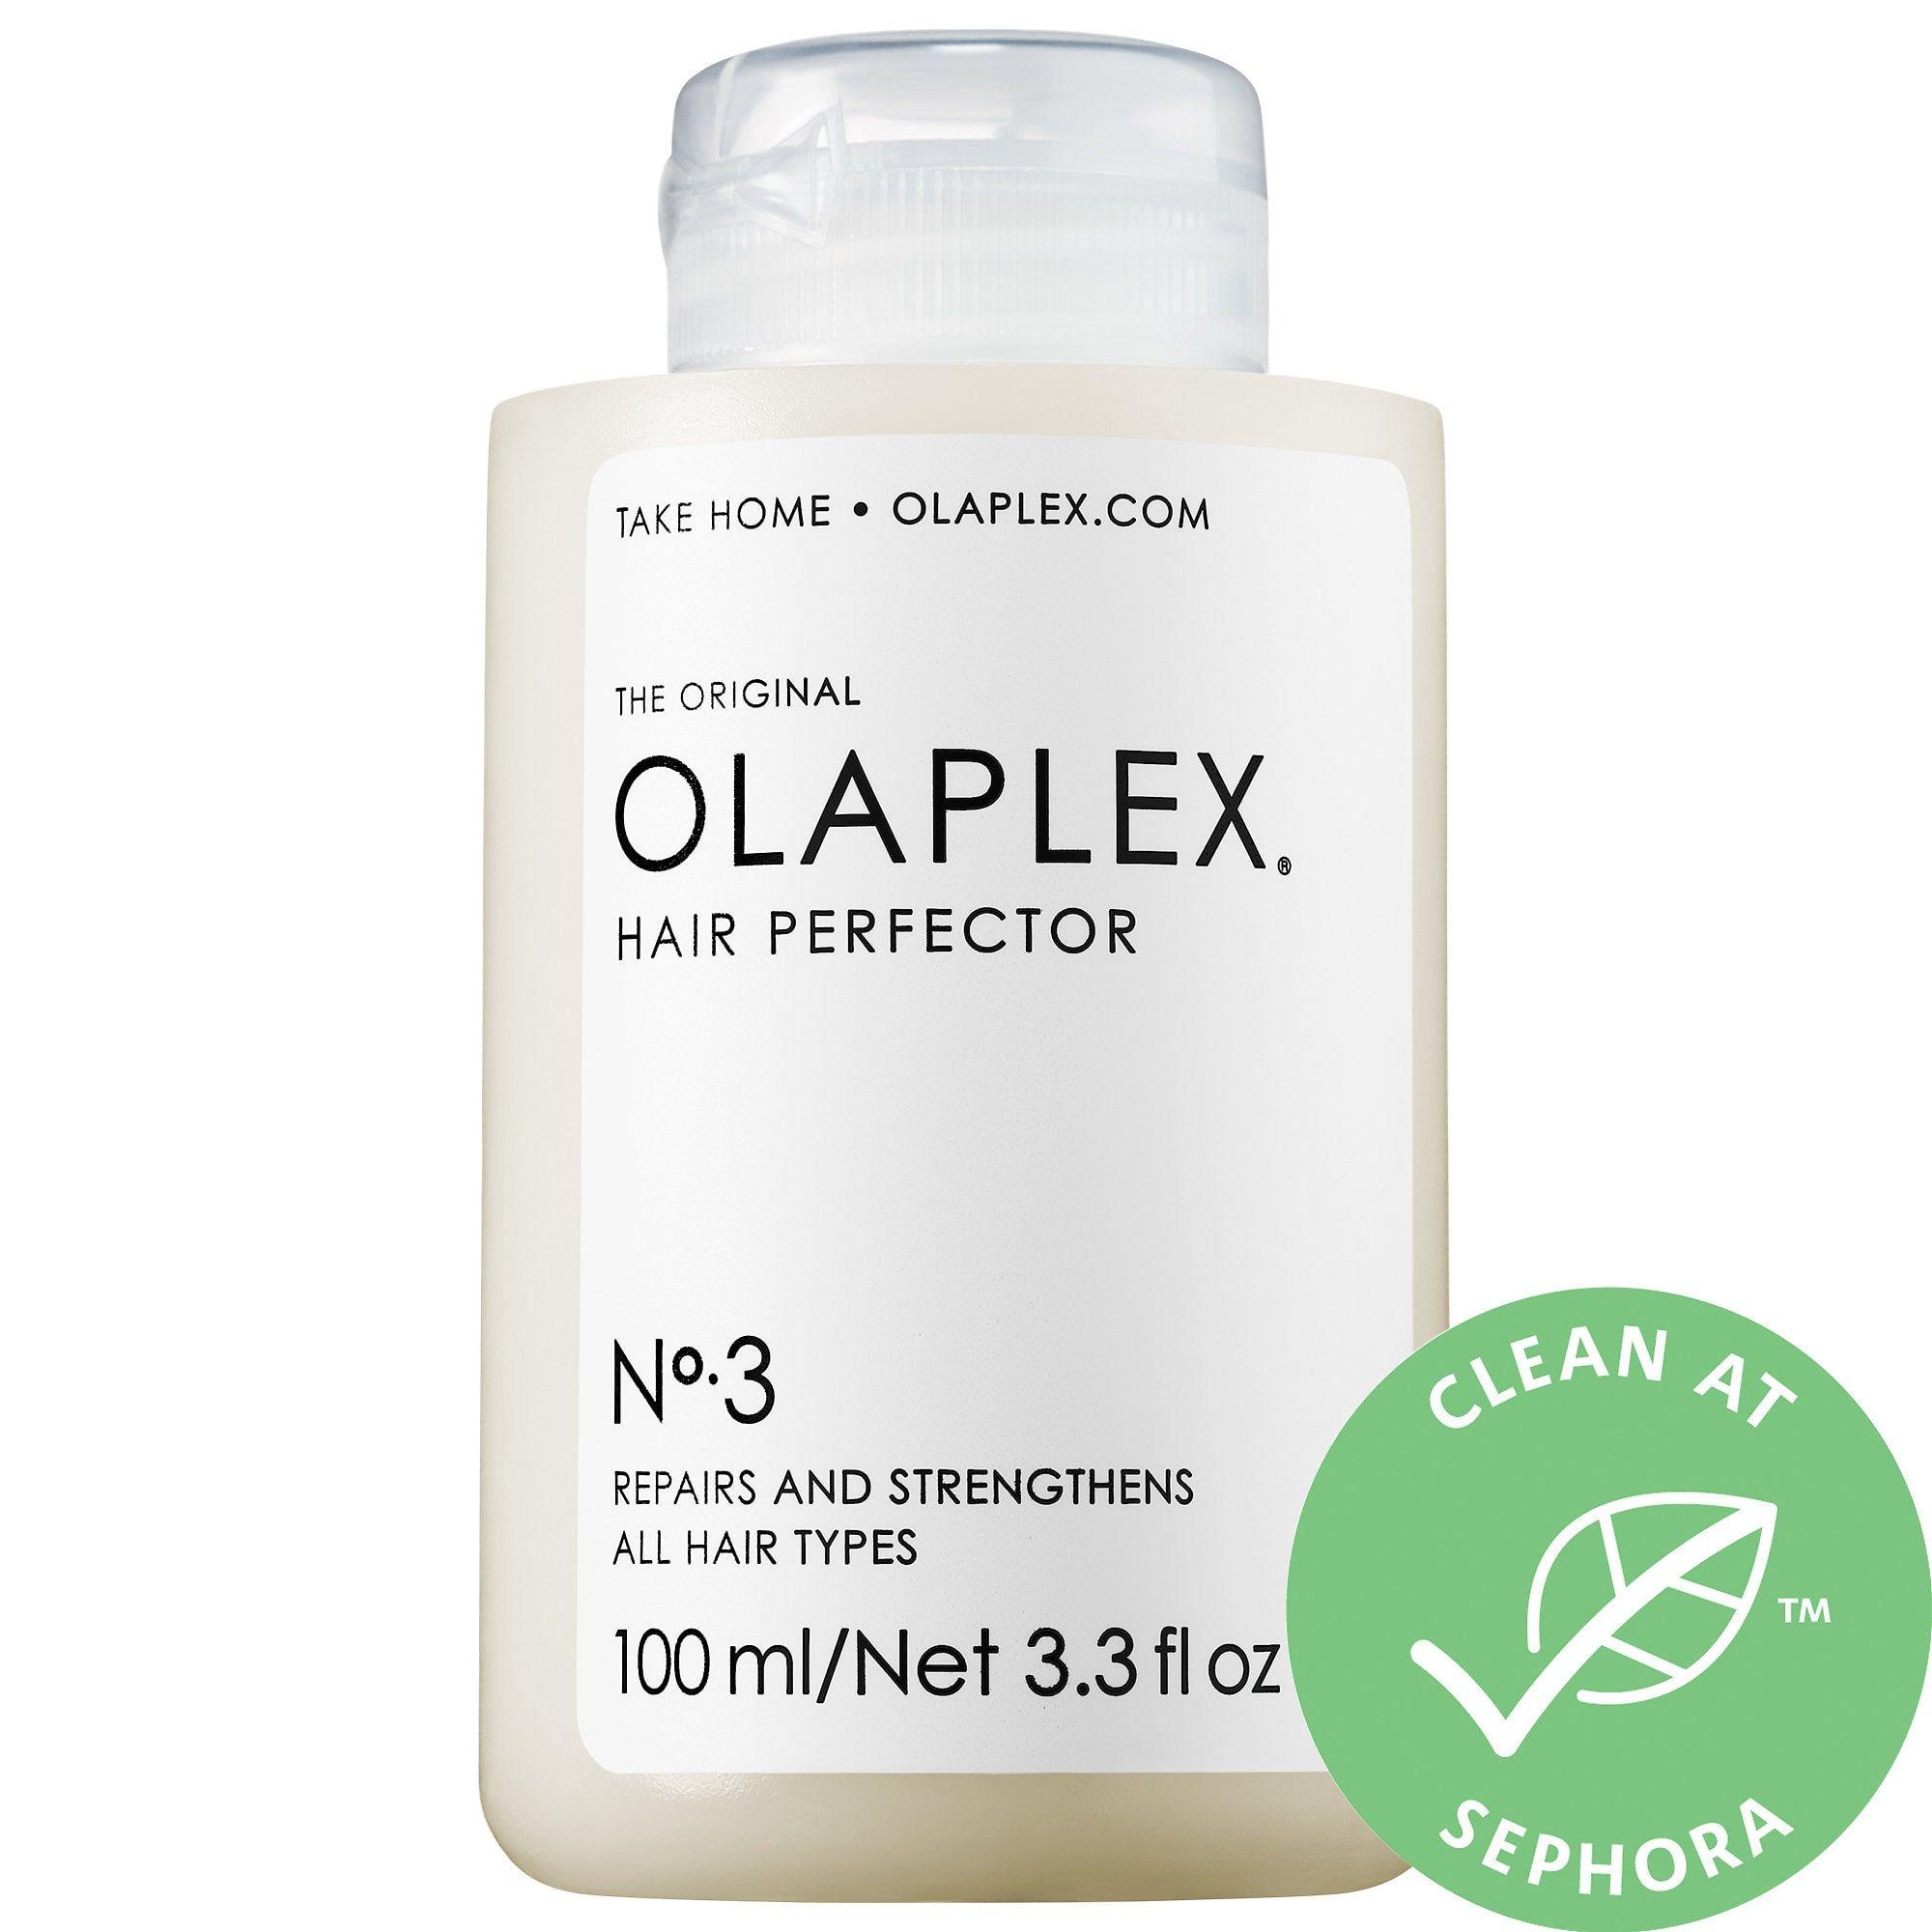 Olaplex Hair Perfector No. 3 in 2020 Sephora, Damaged